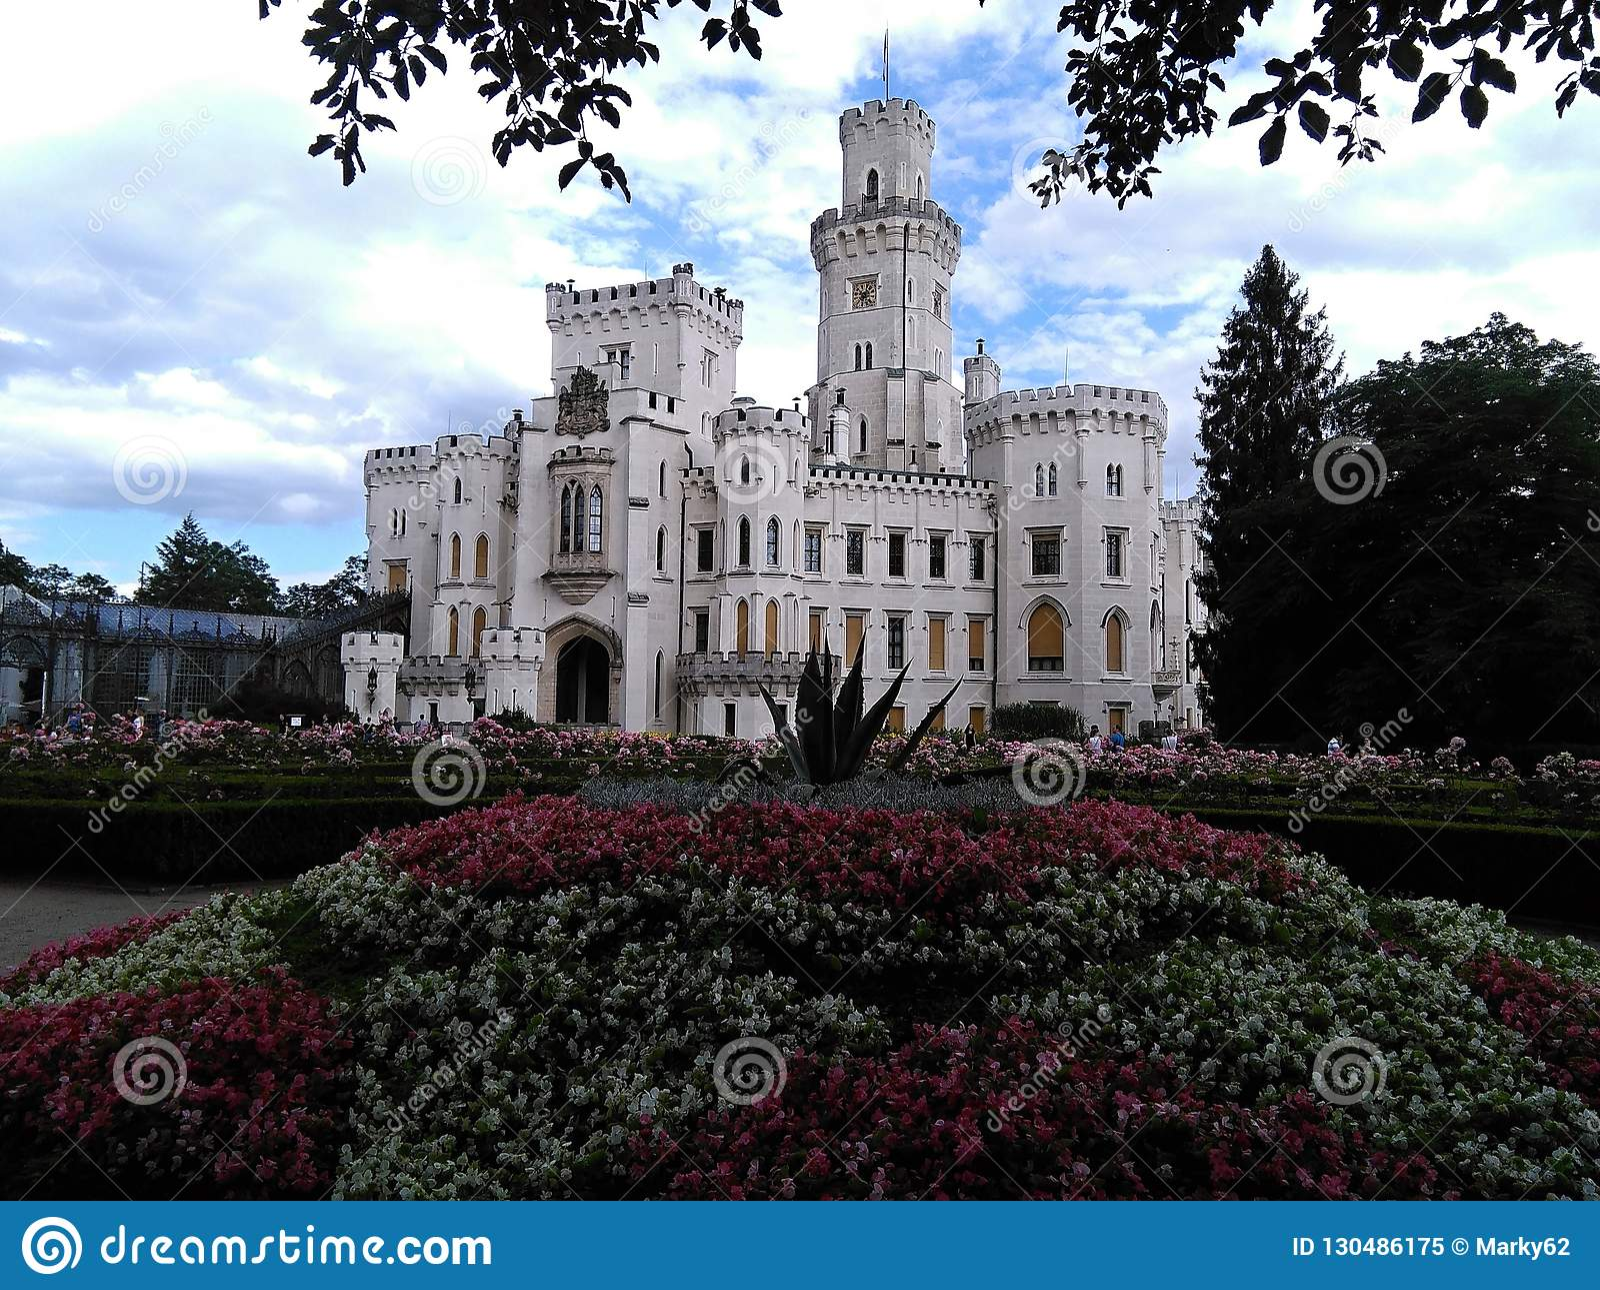 Castle Hluboka Landmark in Czech republic